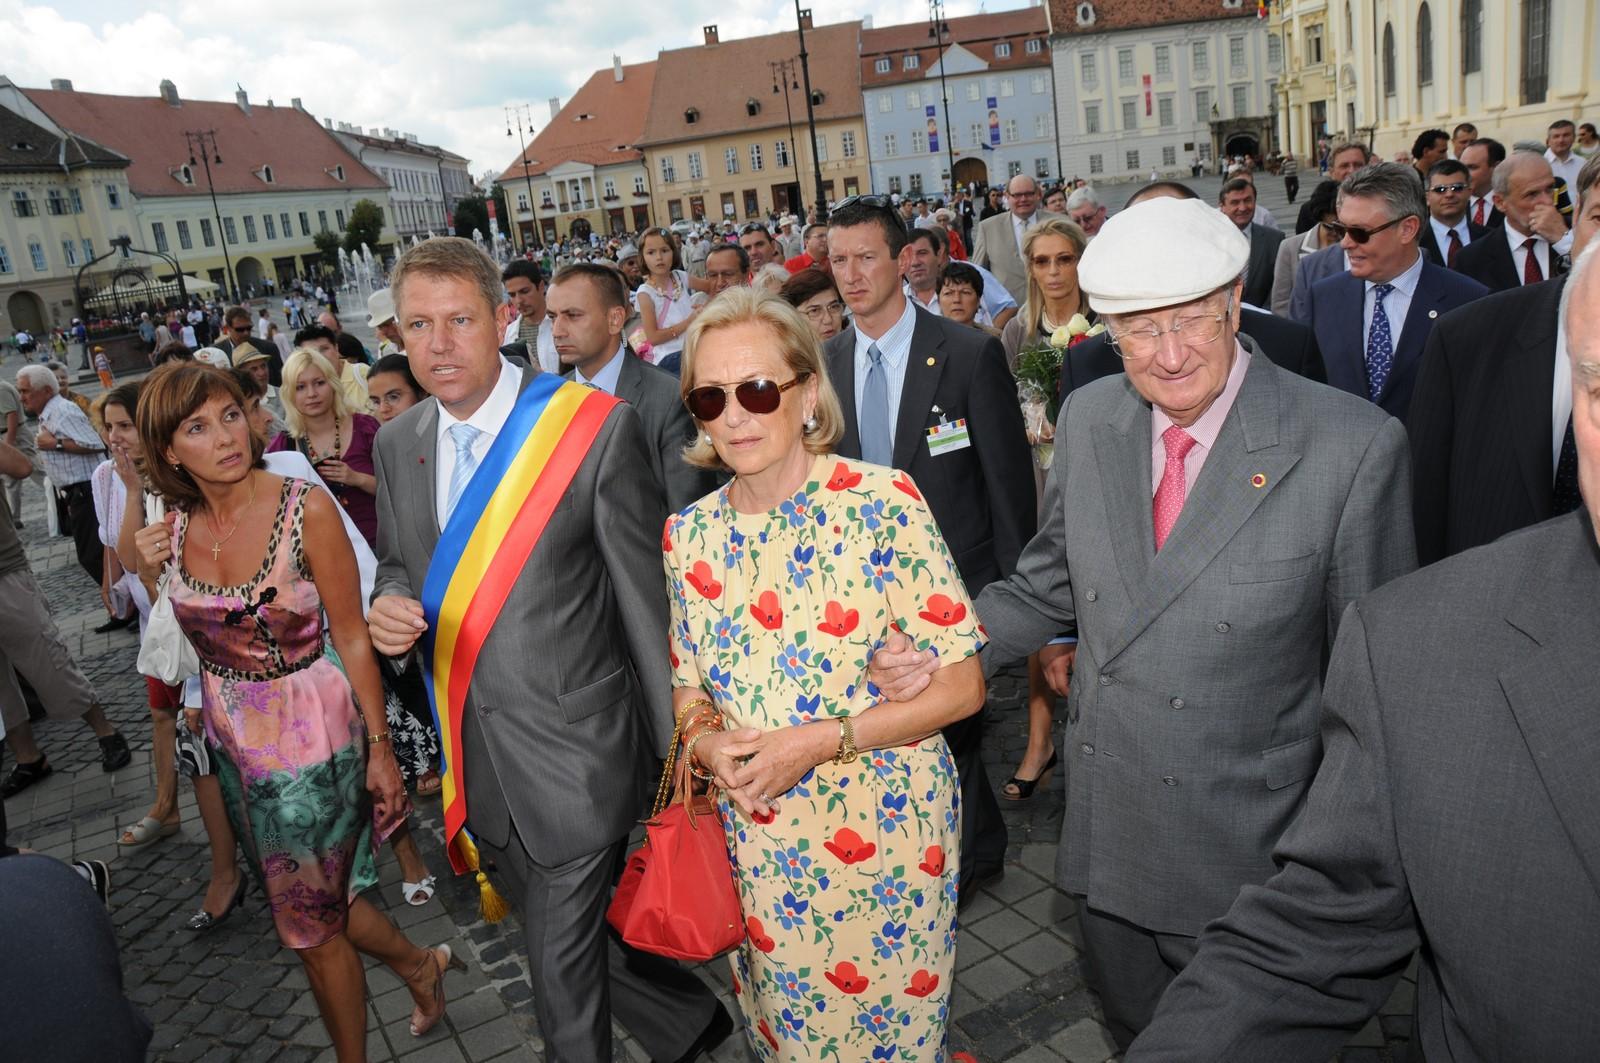 Pe 9 iulie 2009, la Sibiu venea Regele Belgiei, un eveniment pentru întreg orașul. În 2019, Sibiul a găzduit întâlnirea a 27 de șefi de state și guverne